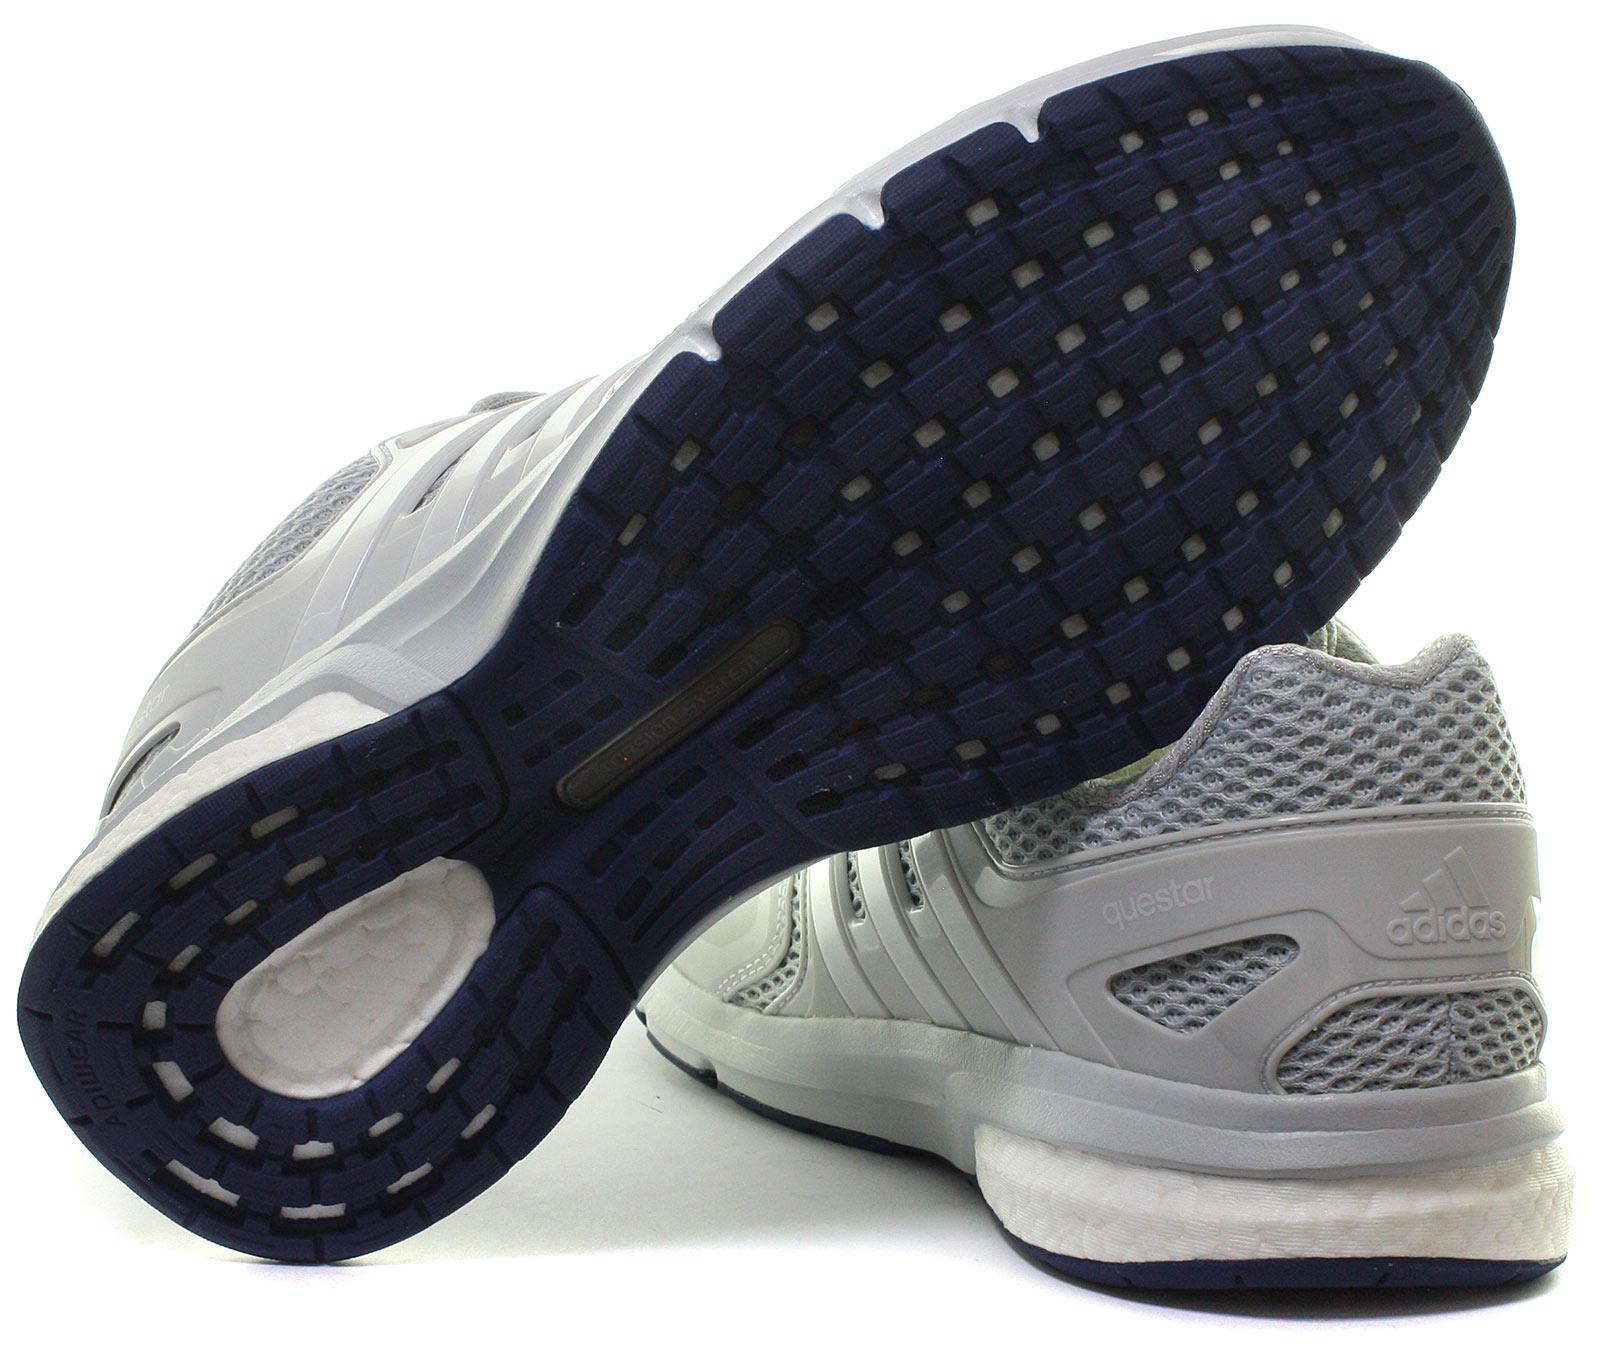 sale retailer b16bb d8037 Neuf Adidas Questar Chaussures de Running pour Homme   Baskets Toutes les 3  3 sur 6 Voir Plus